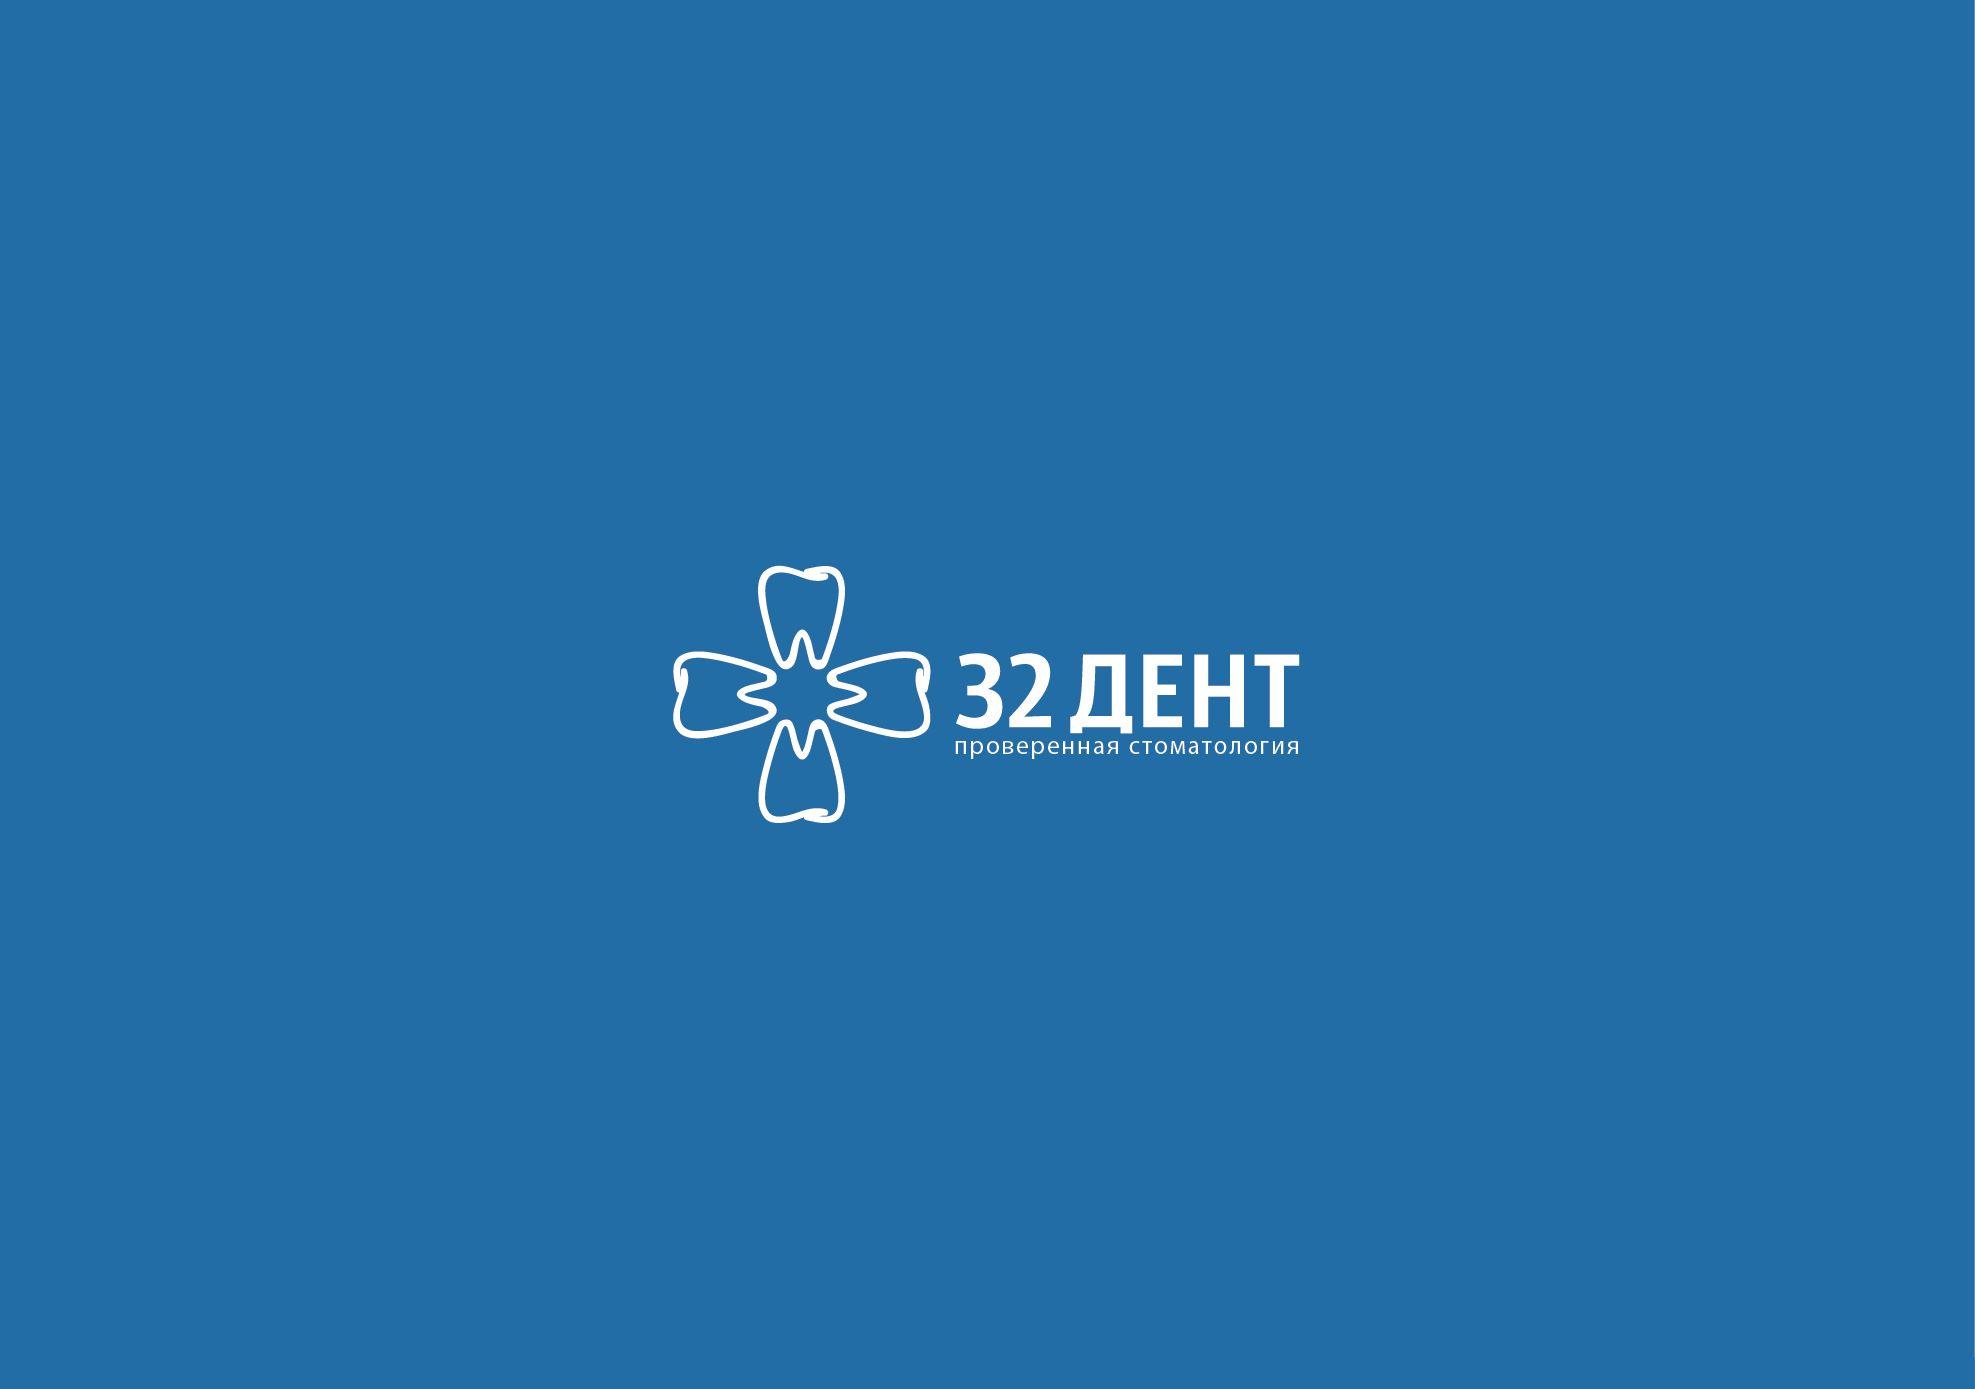 Логотип для сети стоматологических клиник - дизайнер andyul